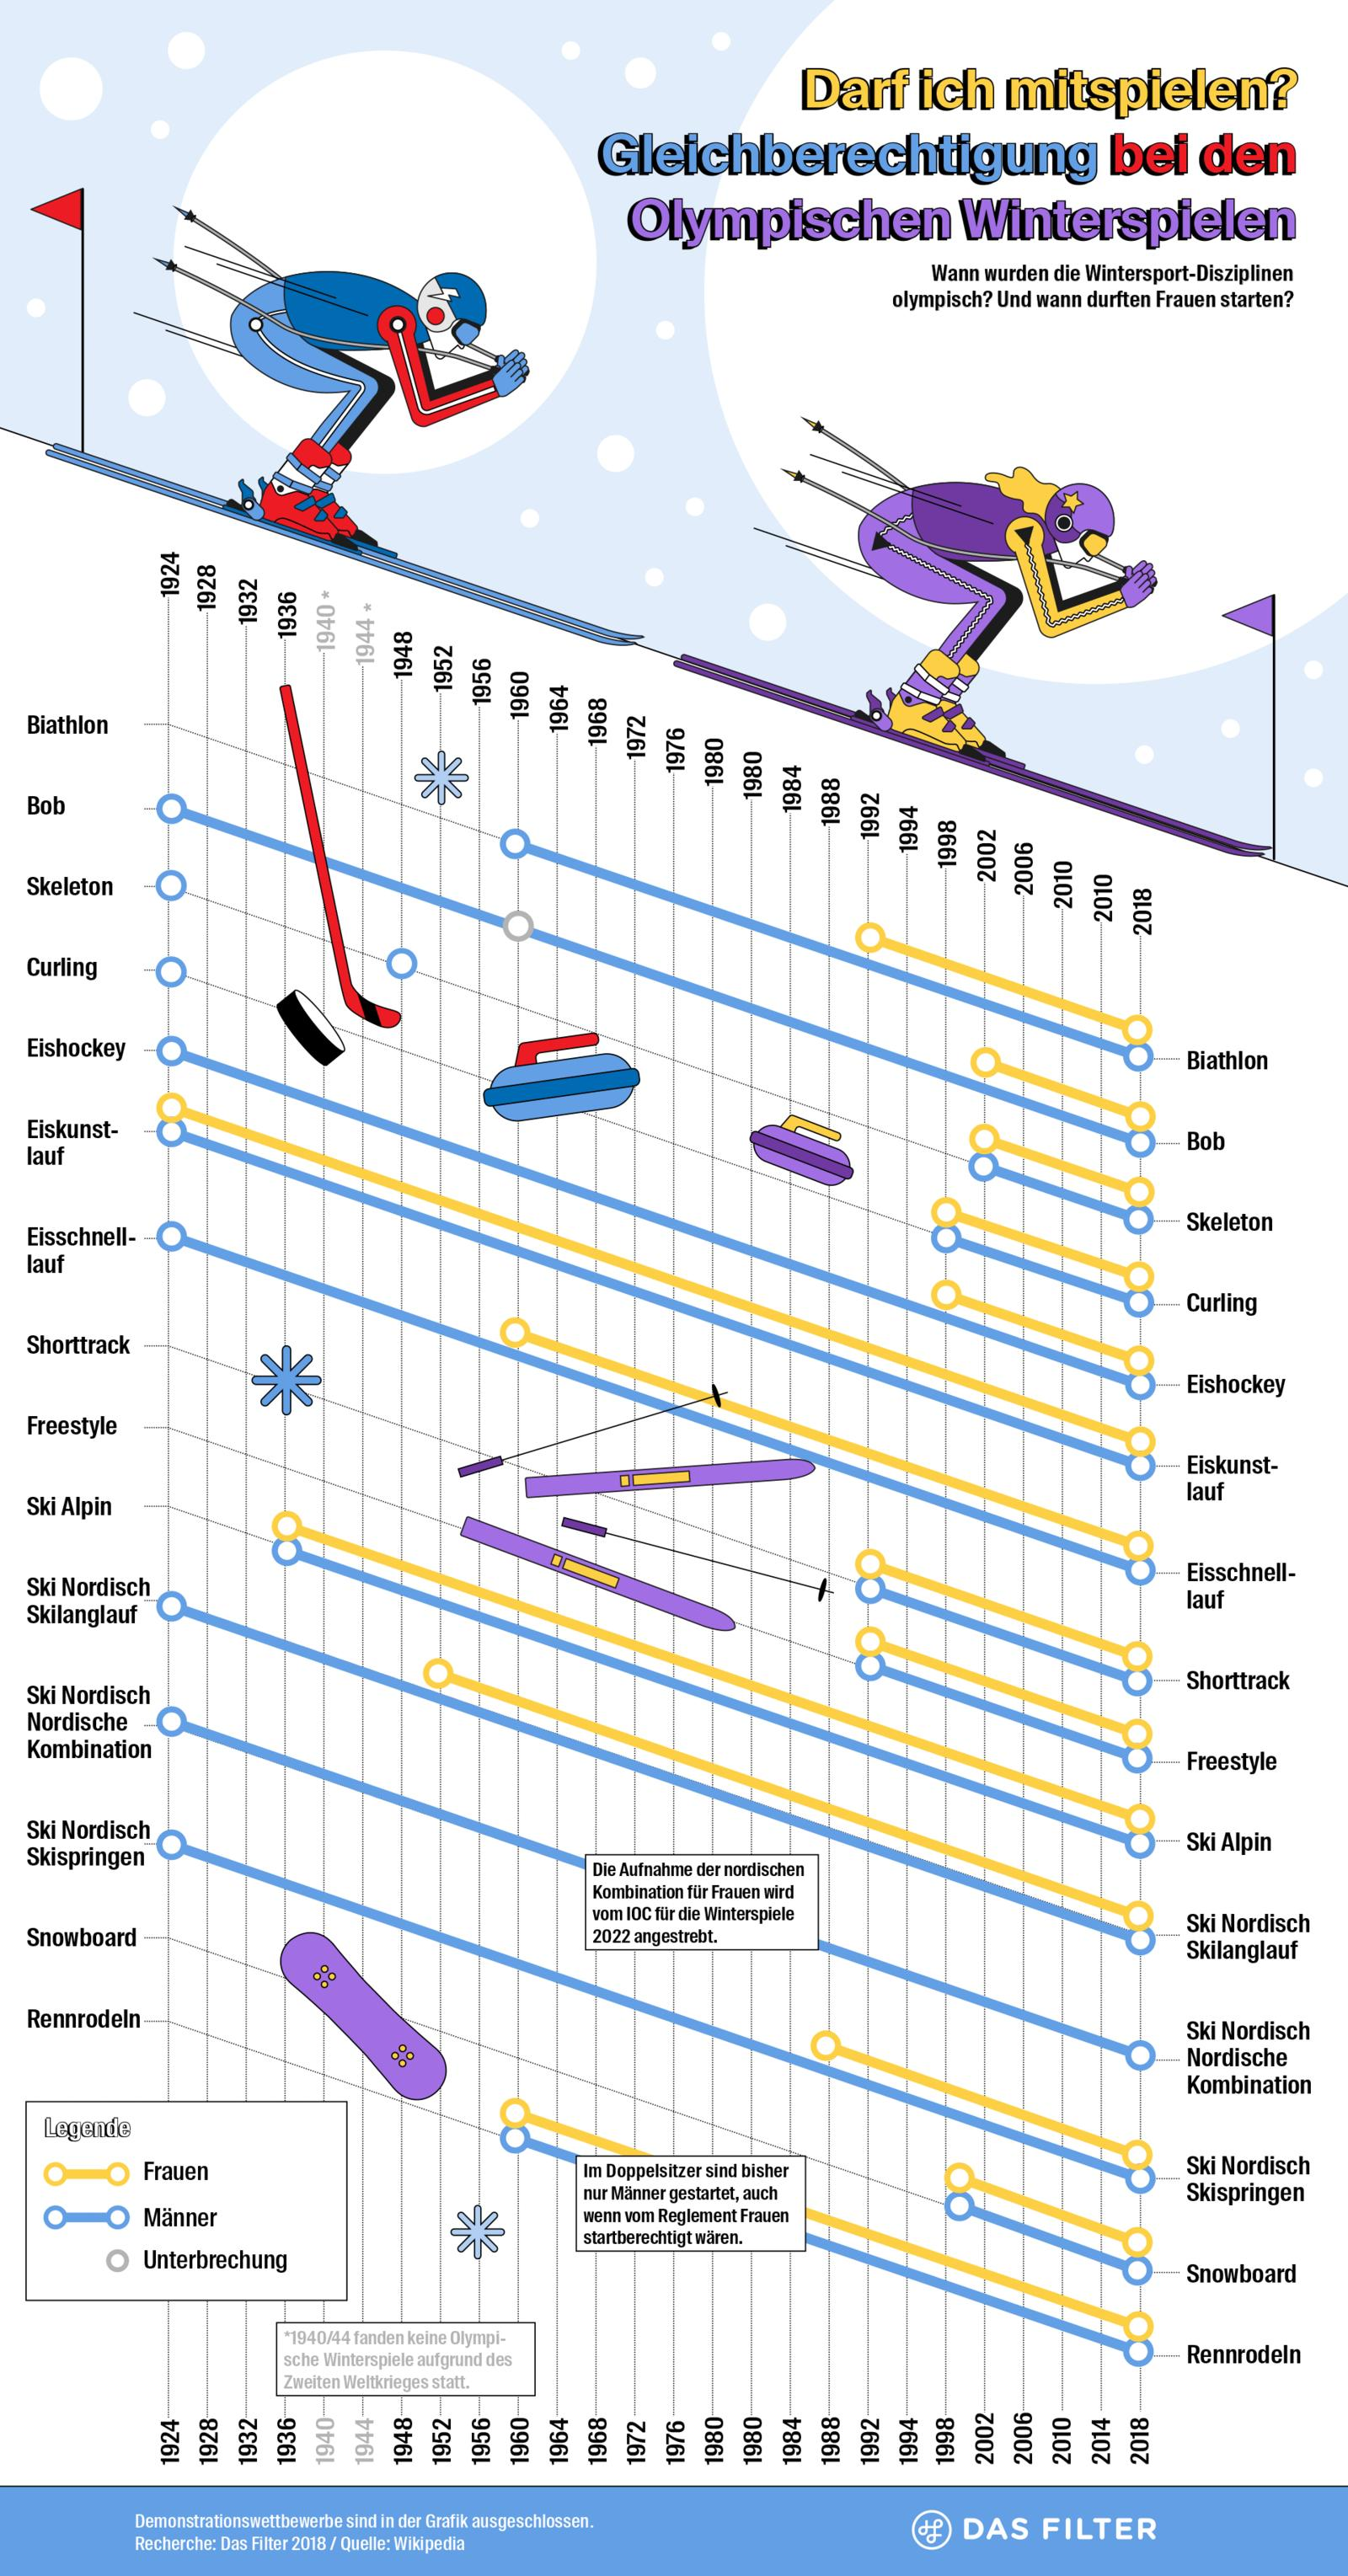 DF Infografik Pyeongchang 2018